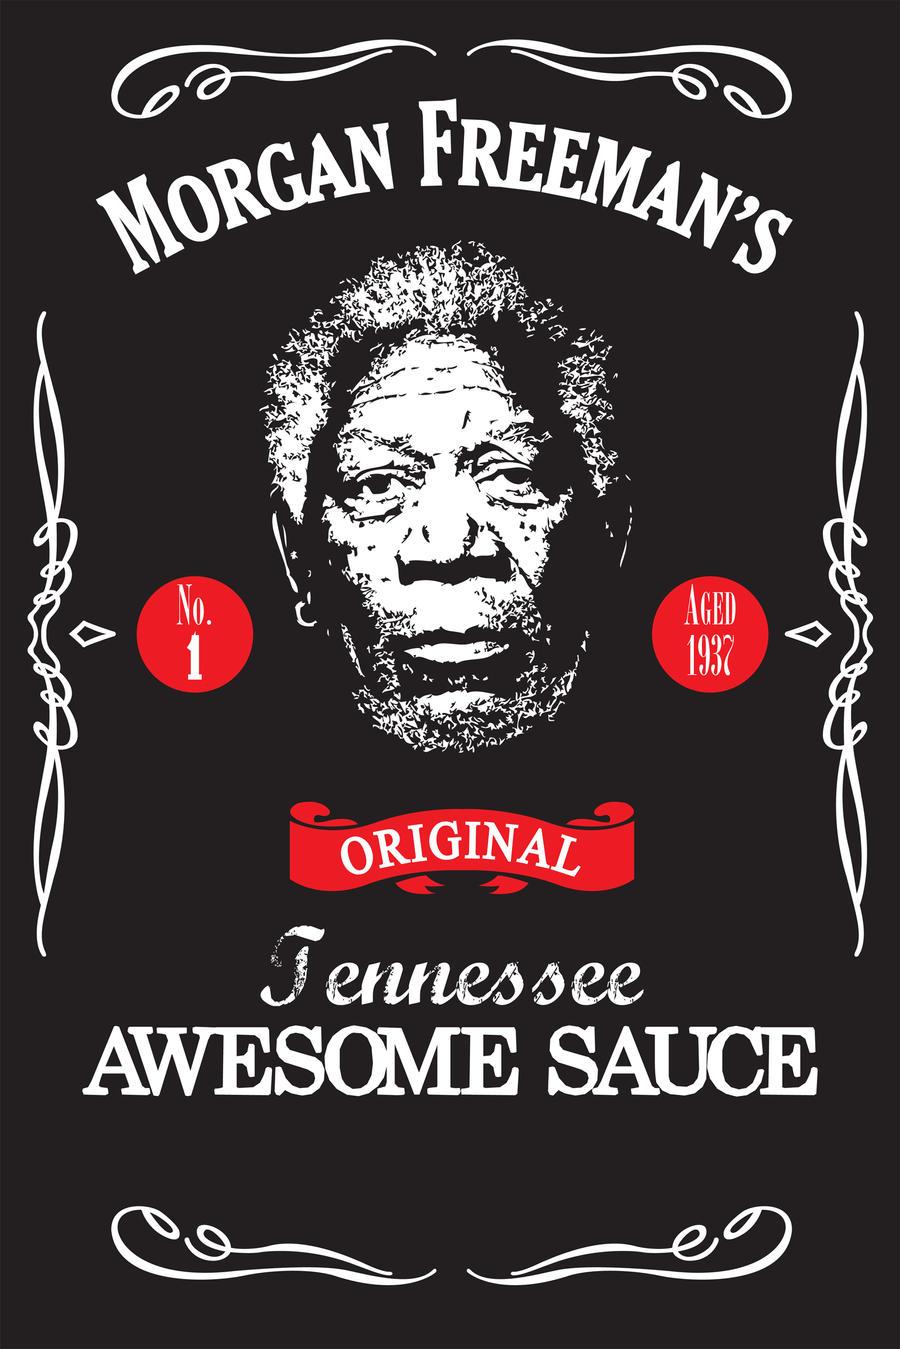 awesme sauce